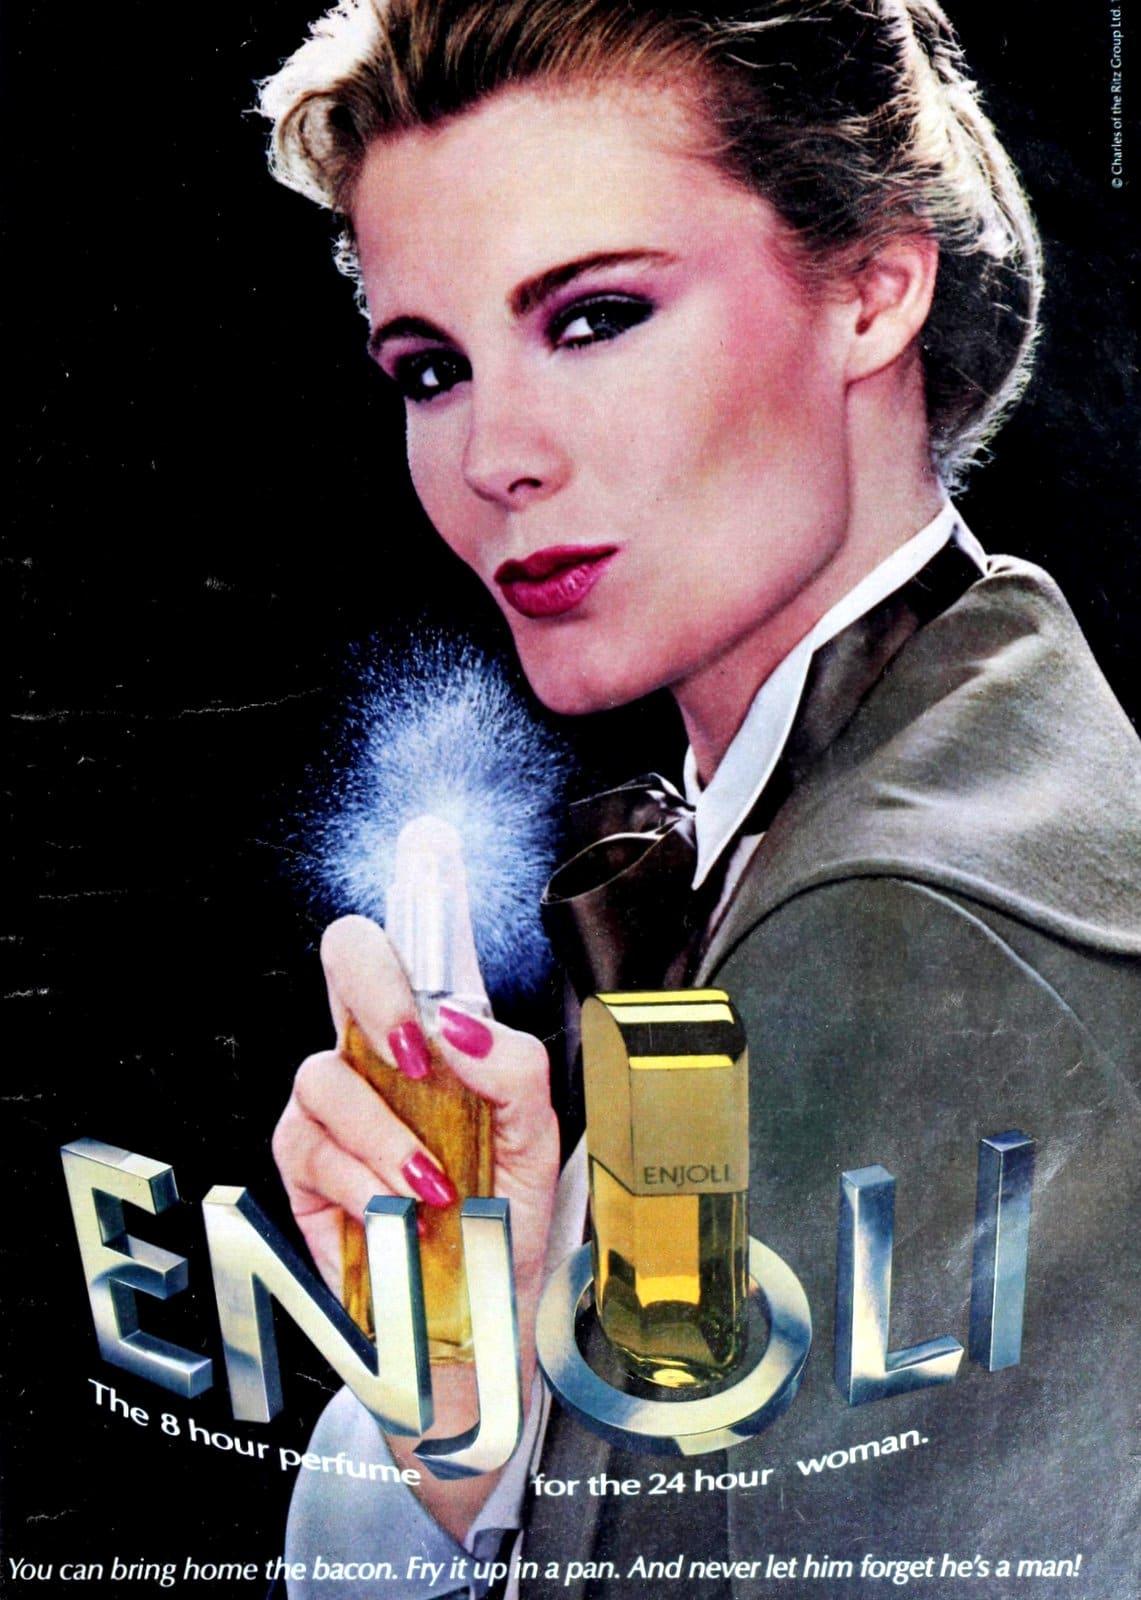 Retro 80s Enjoli perfume (1983)